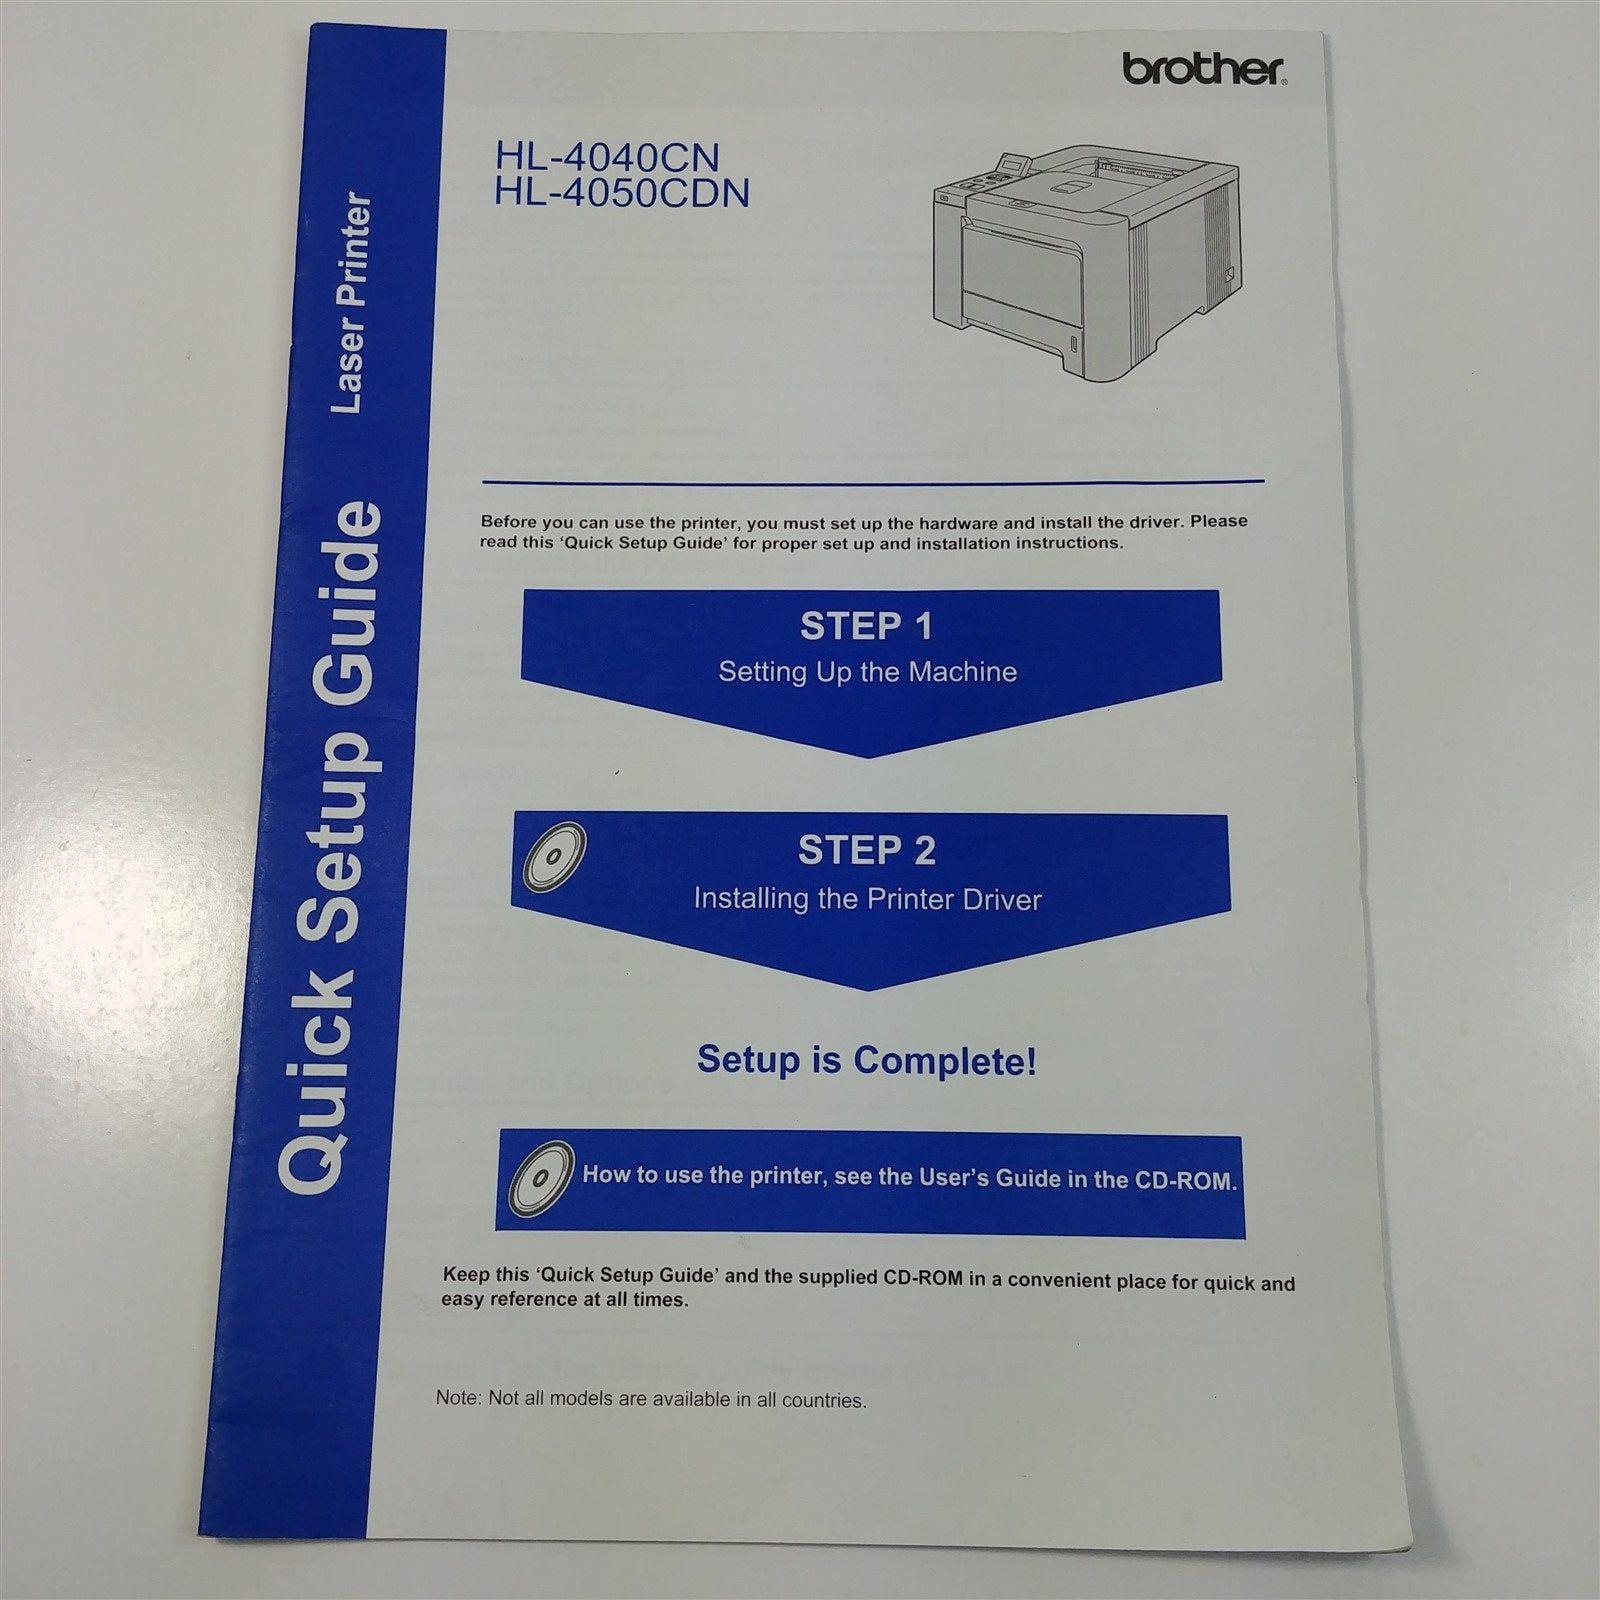 Brother HL-4040CN HL-4050CDN Printer Owner's Manual & Quick Setup Guide